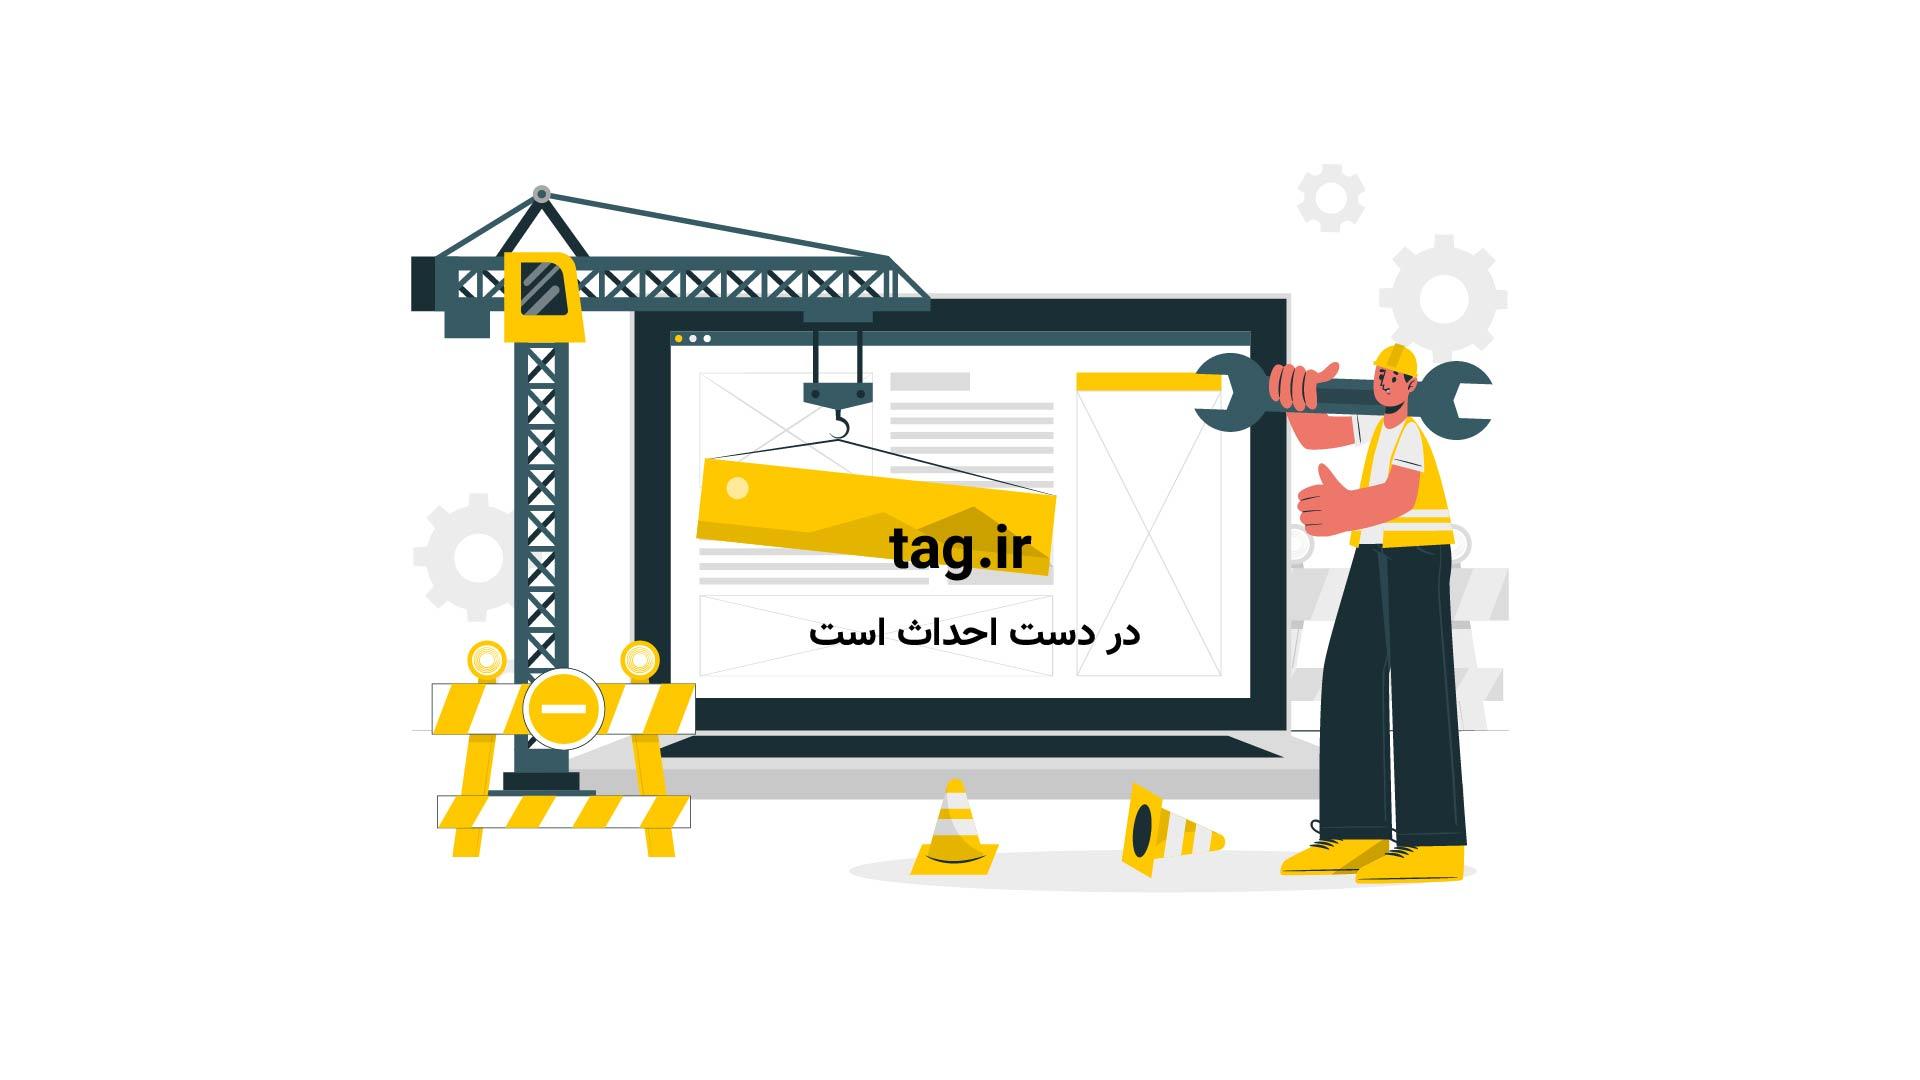 تصاویر بی نظیر از کوه دماوند و پل ورسک | فیلم